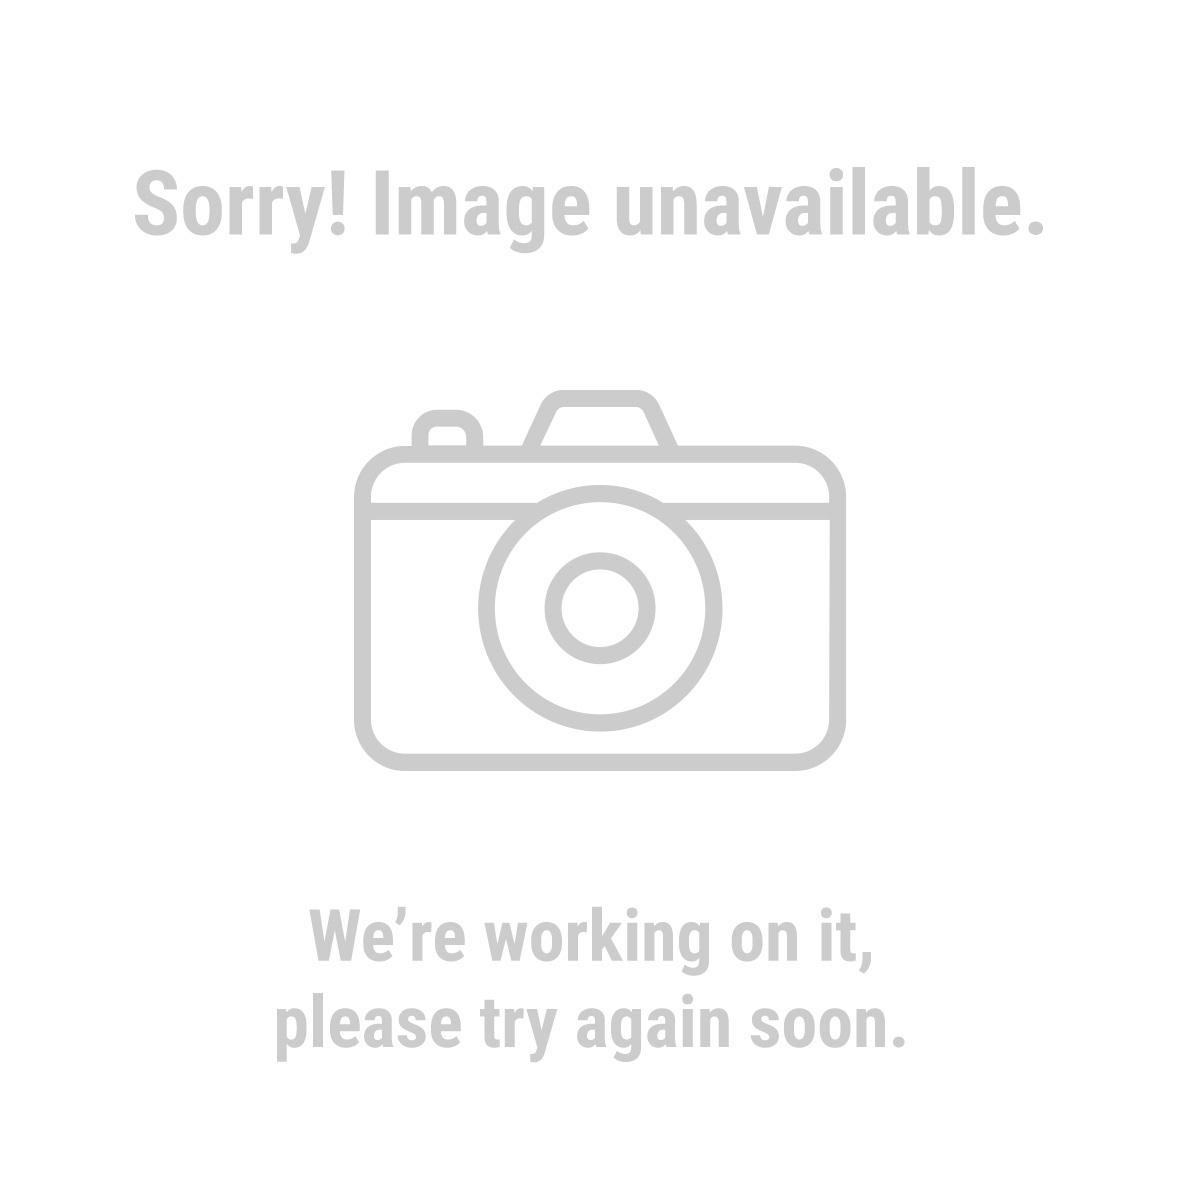 Warrior® 60746 5 Piece 3 in. 180 Grit Twist-Lock Abrasive Discs